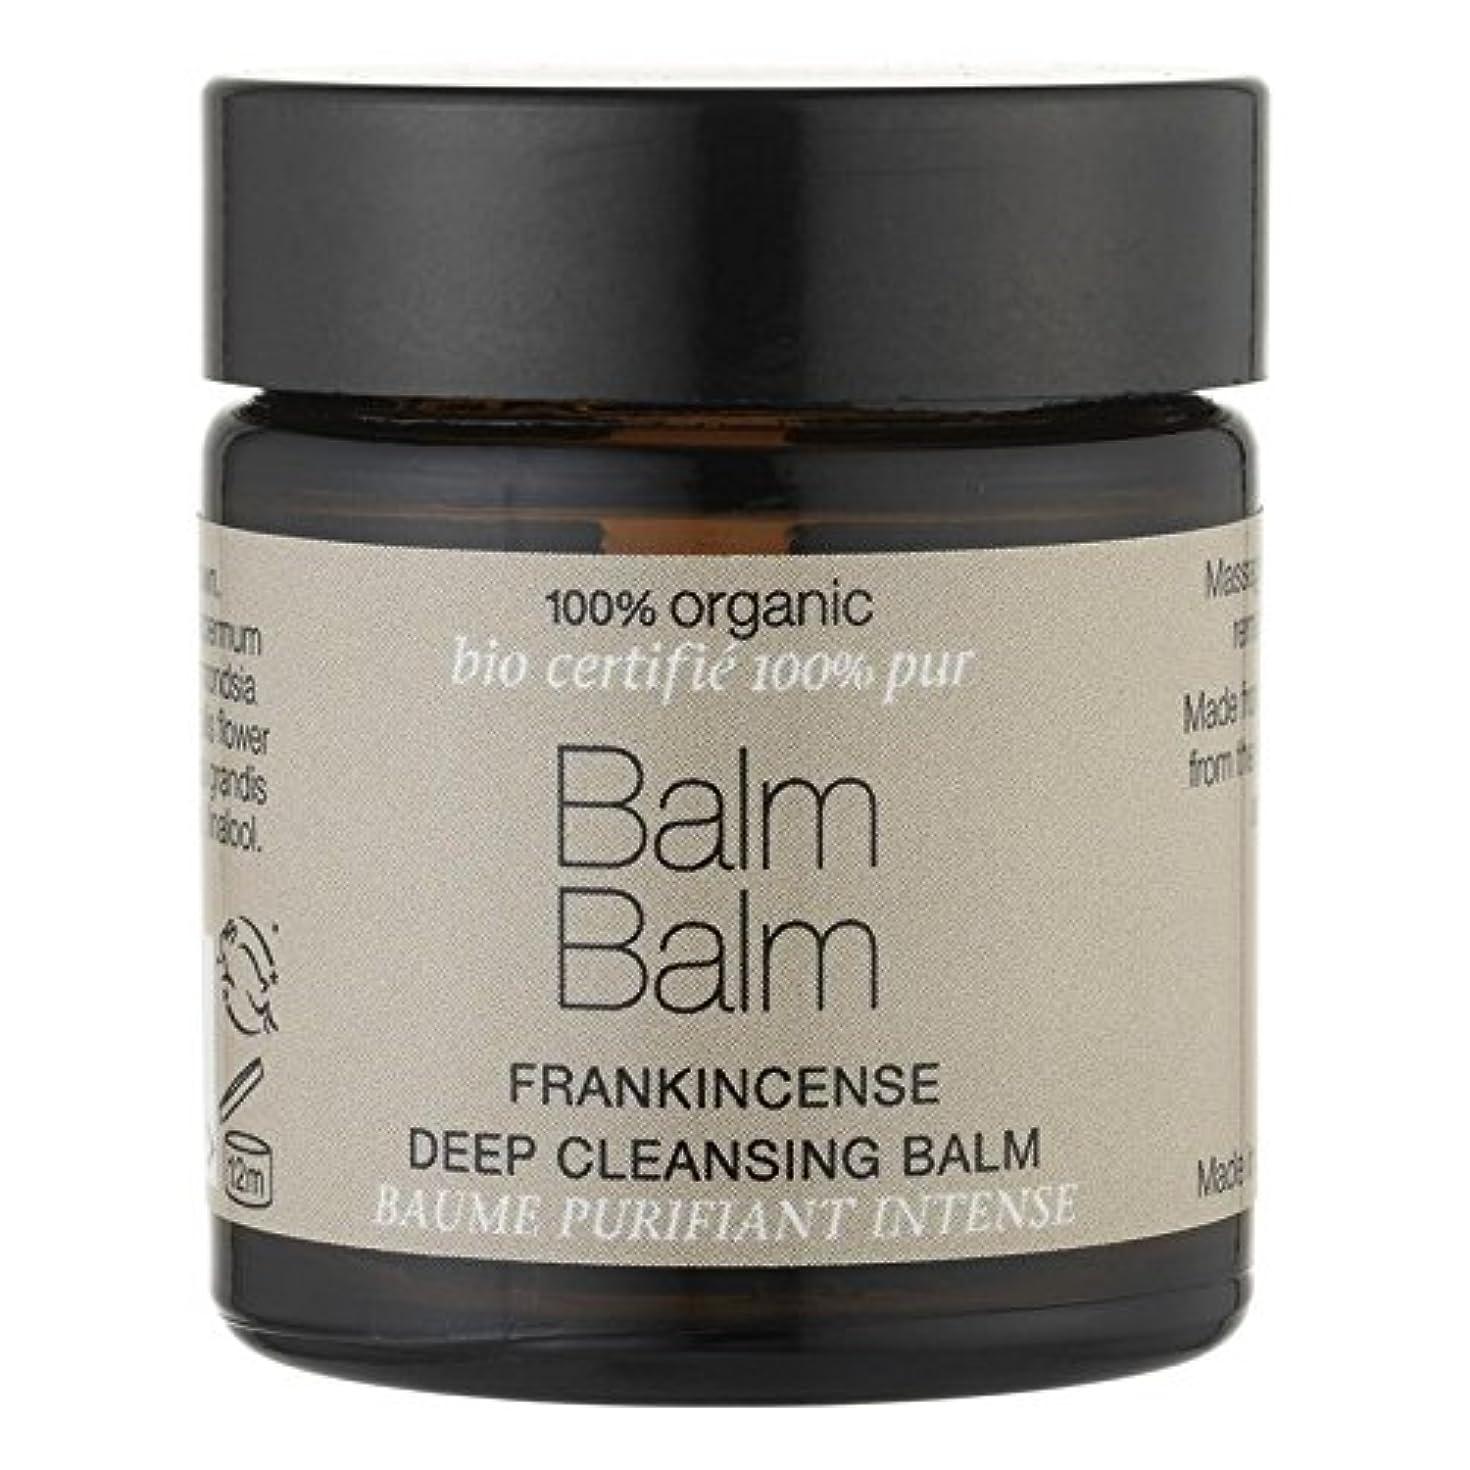 ツイン批判する終点バームバーム乳香有機ディープクレンジングクリーム60ミリリットル x2 - Balm Balm Frankincense Organic Deep Cleansing Balm 60ml (Pack of 2) [並行輸入品]